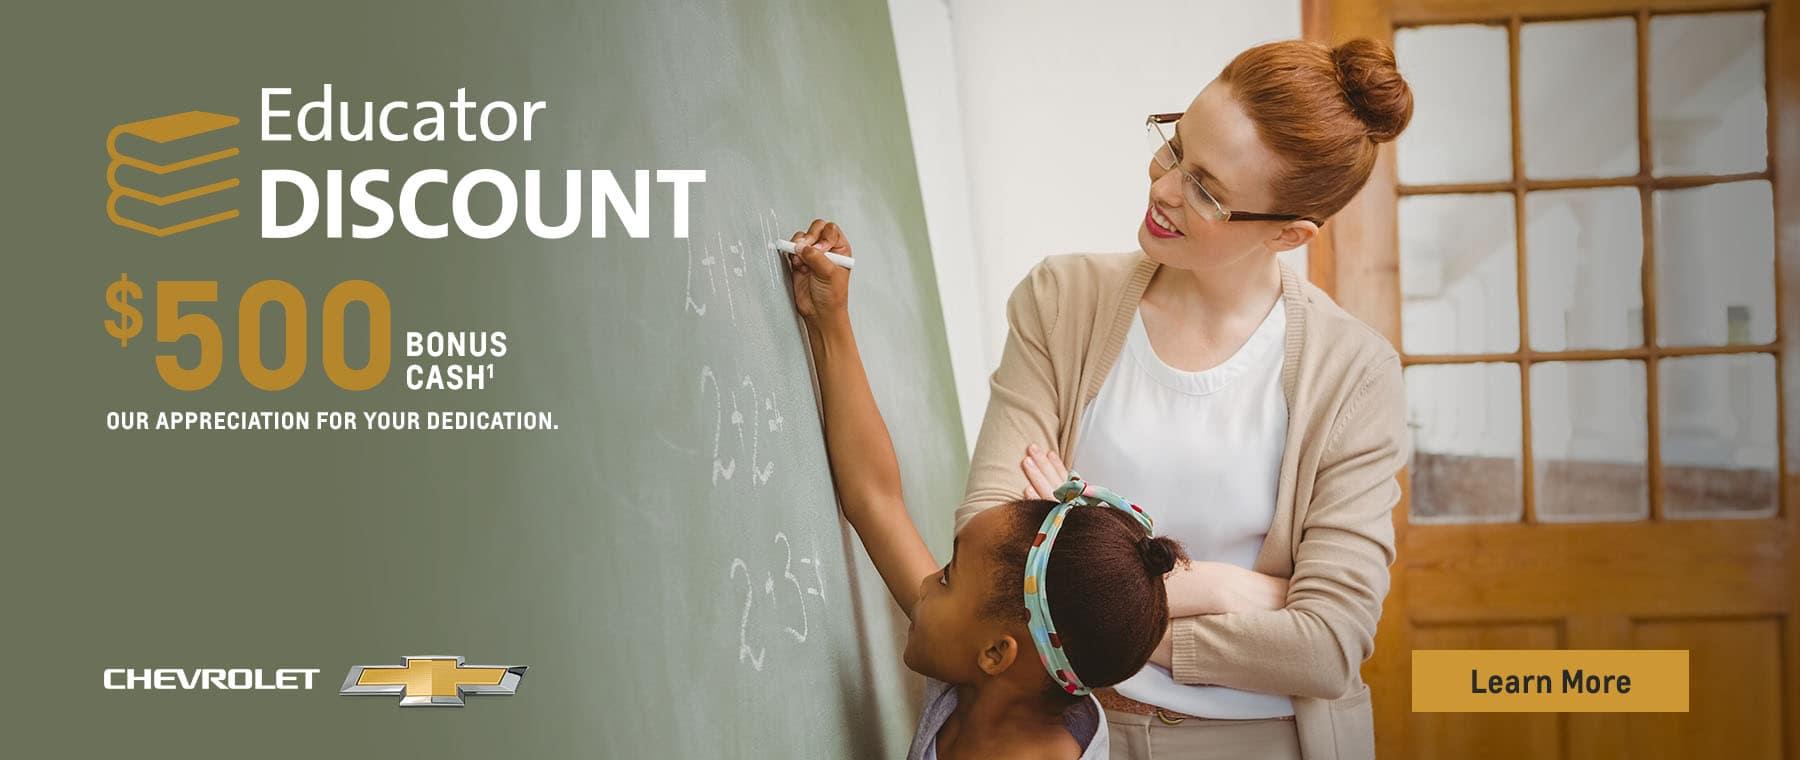 $500 Bonus Cash for Educators